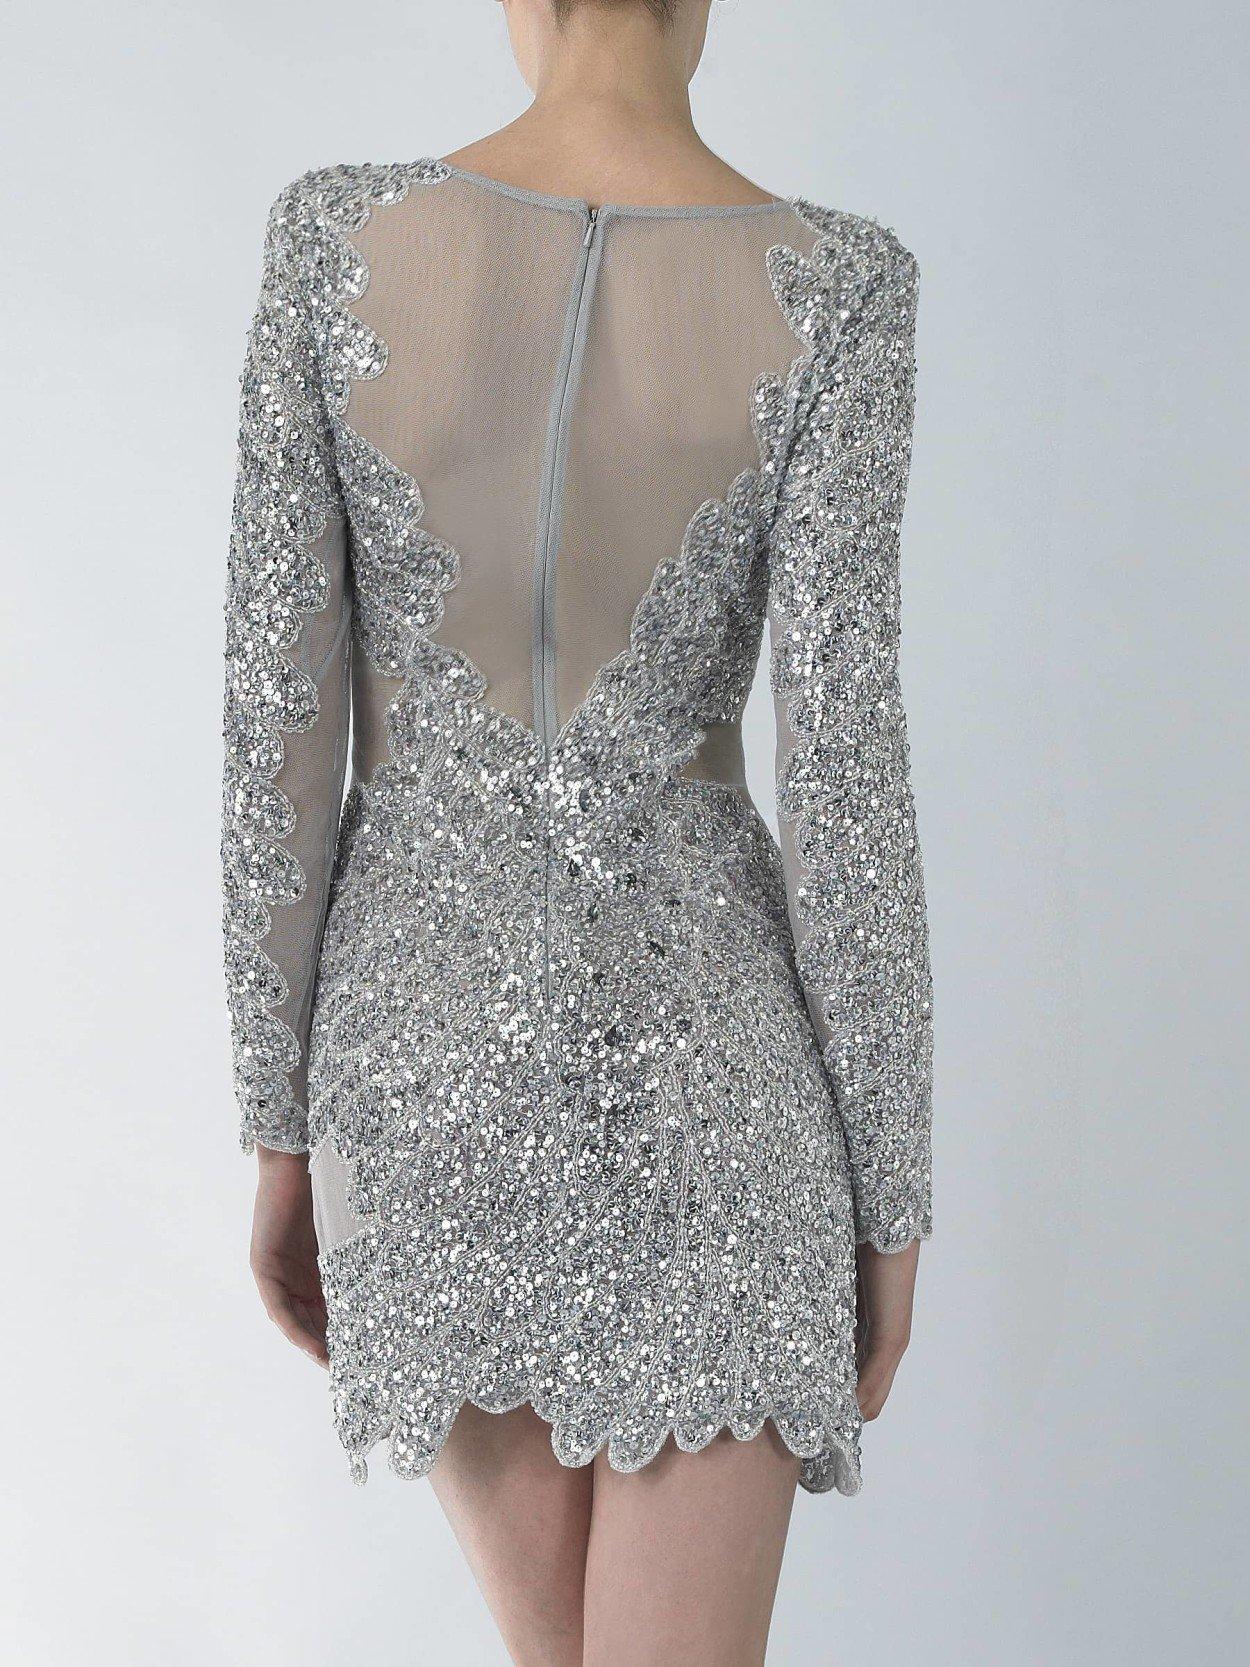 Пошитое платье если вы видите в ночных грезах уже пошитое платье, значит, наяву вы заключите выгодную сделку или договор.